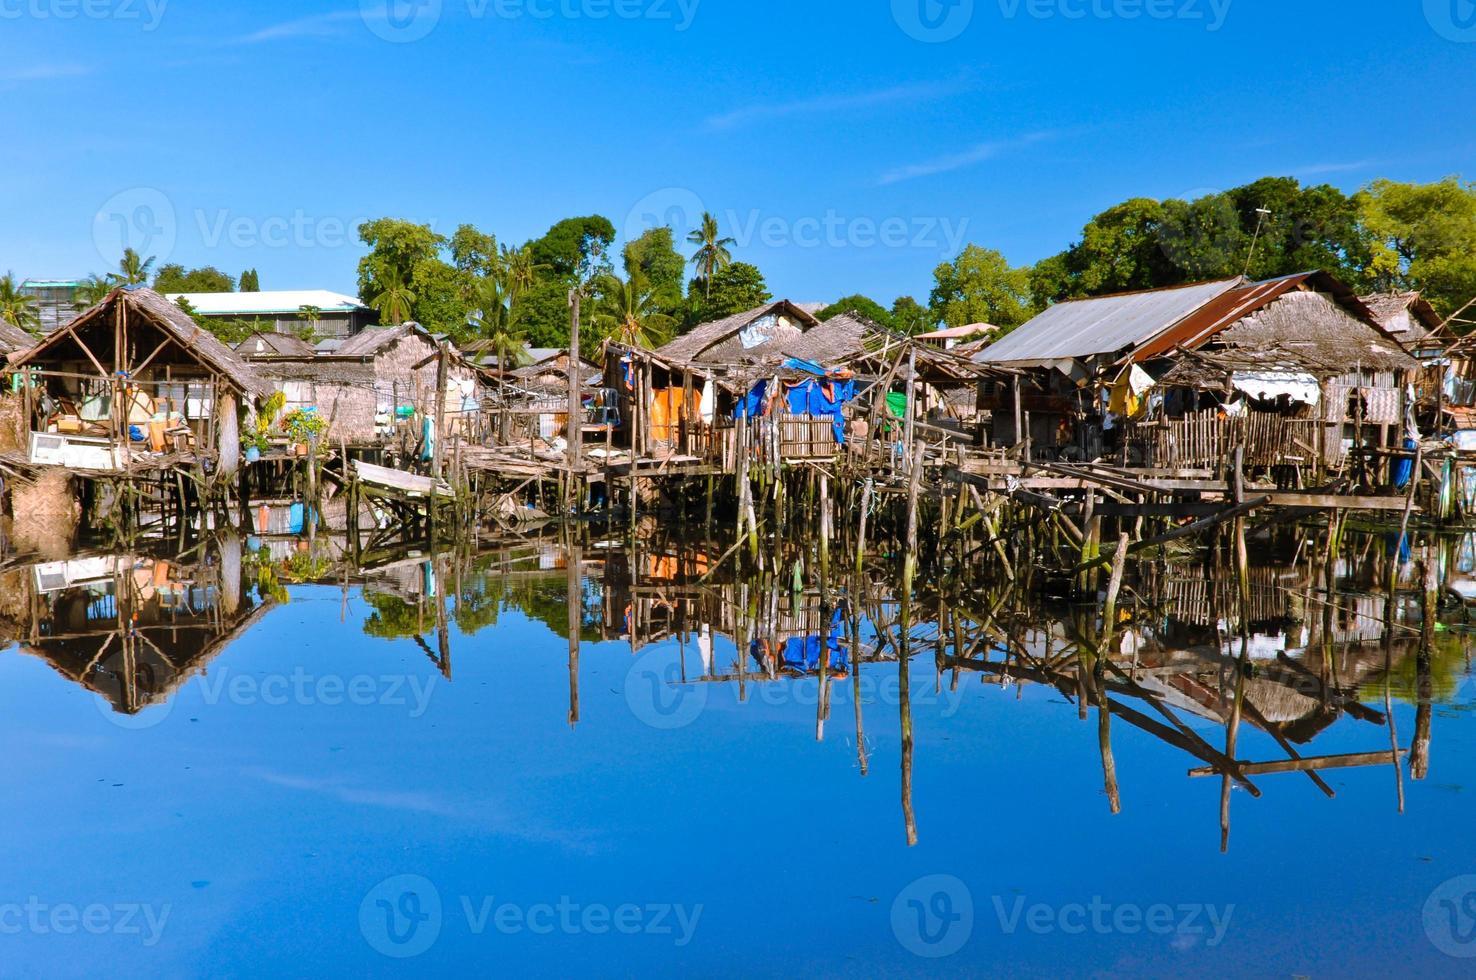 Slums on Water photo